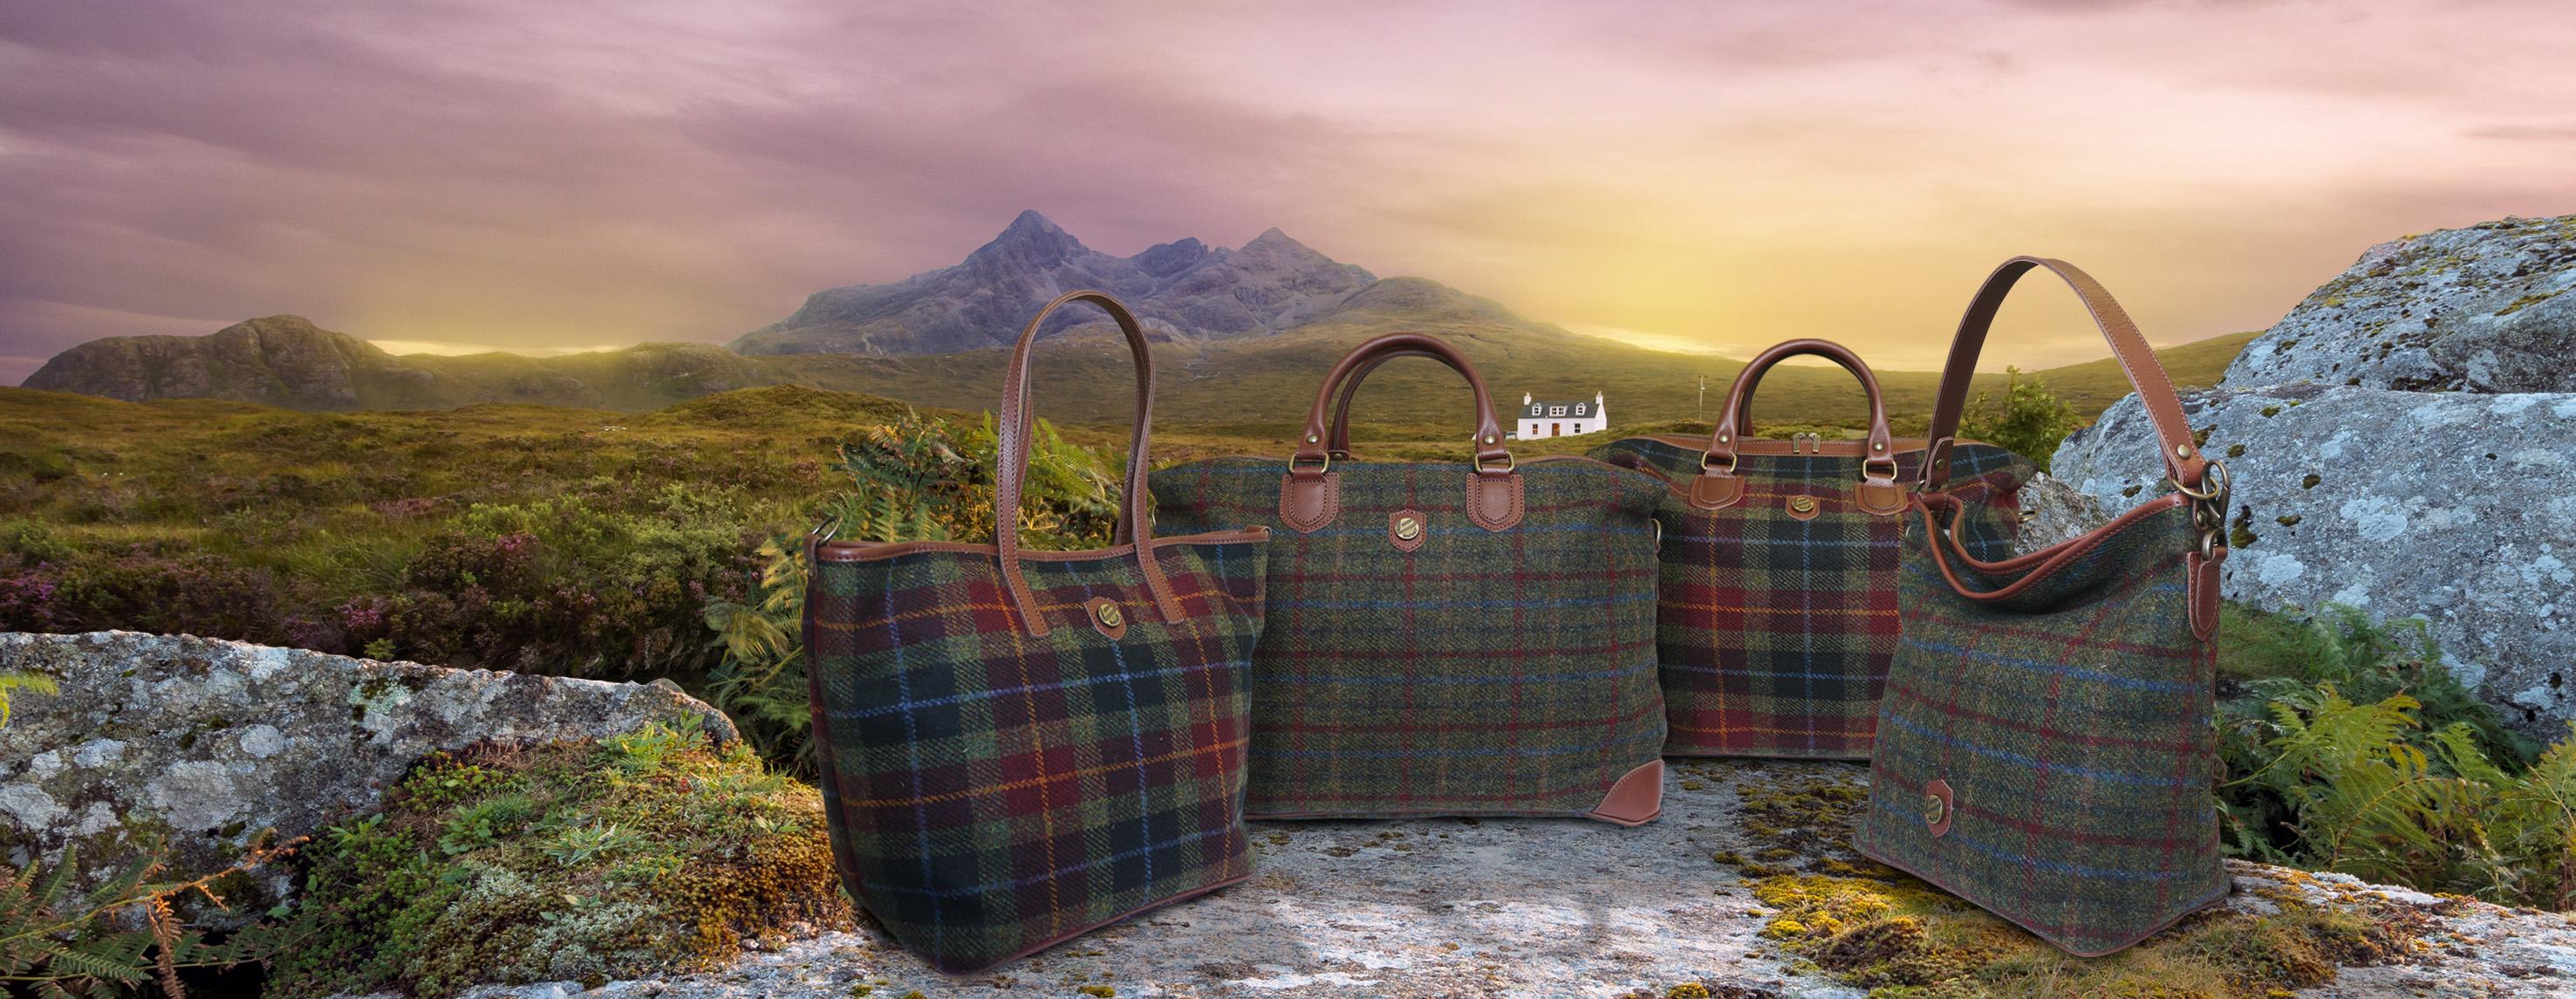 a53573904f1f Bonfanti Scottish Harris Tweed Tartan and Leather Handbags - Attavanti